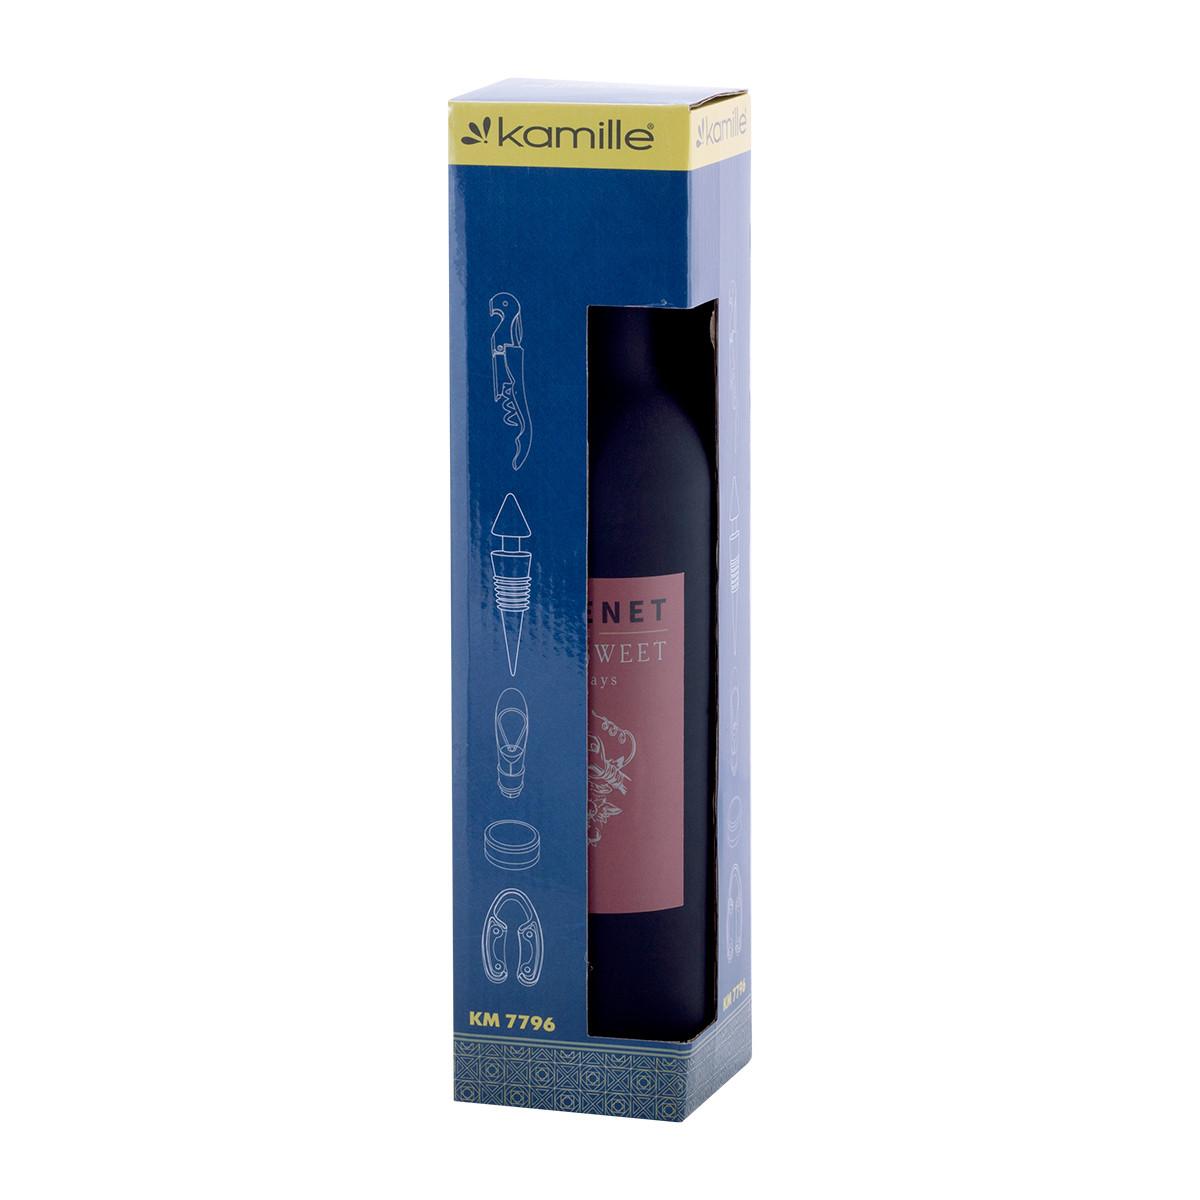 Набор сомелье для вина Kamille 7*7*32см из нержавеющей стали KM-7796